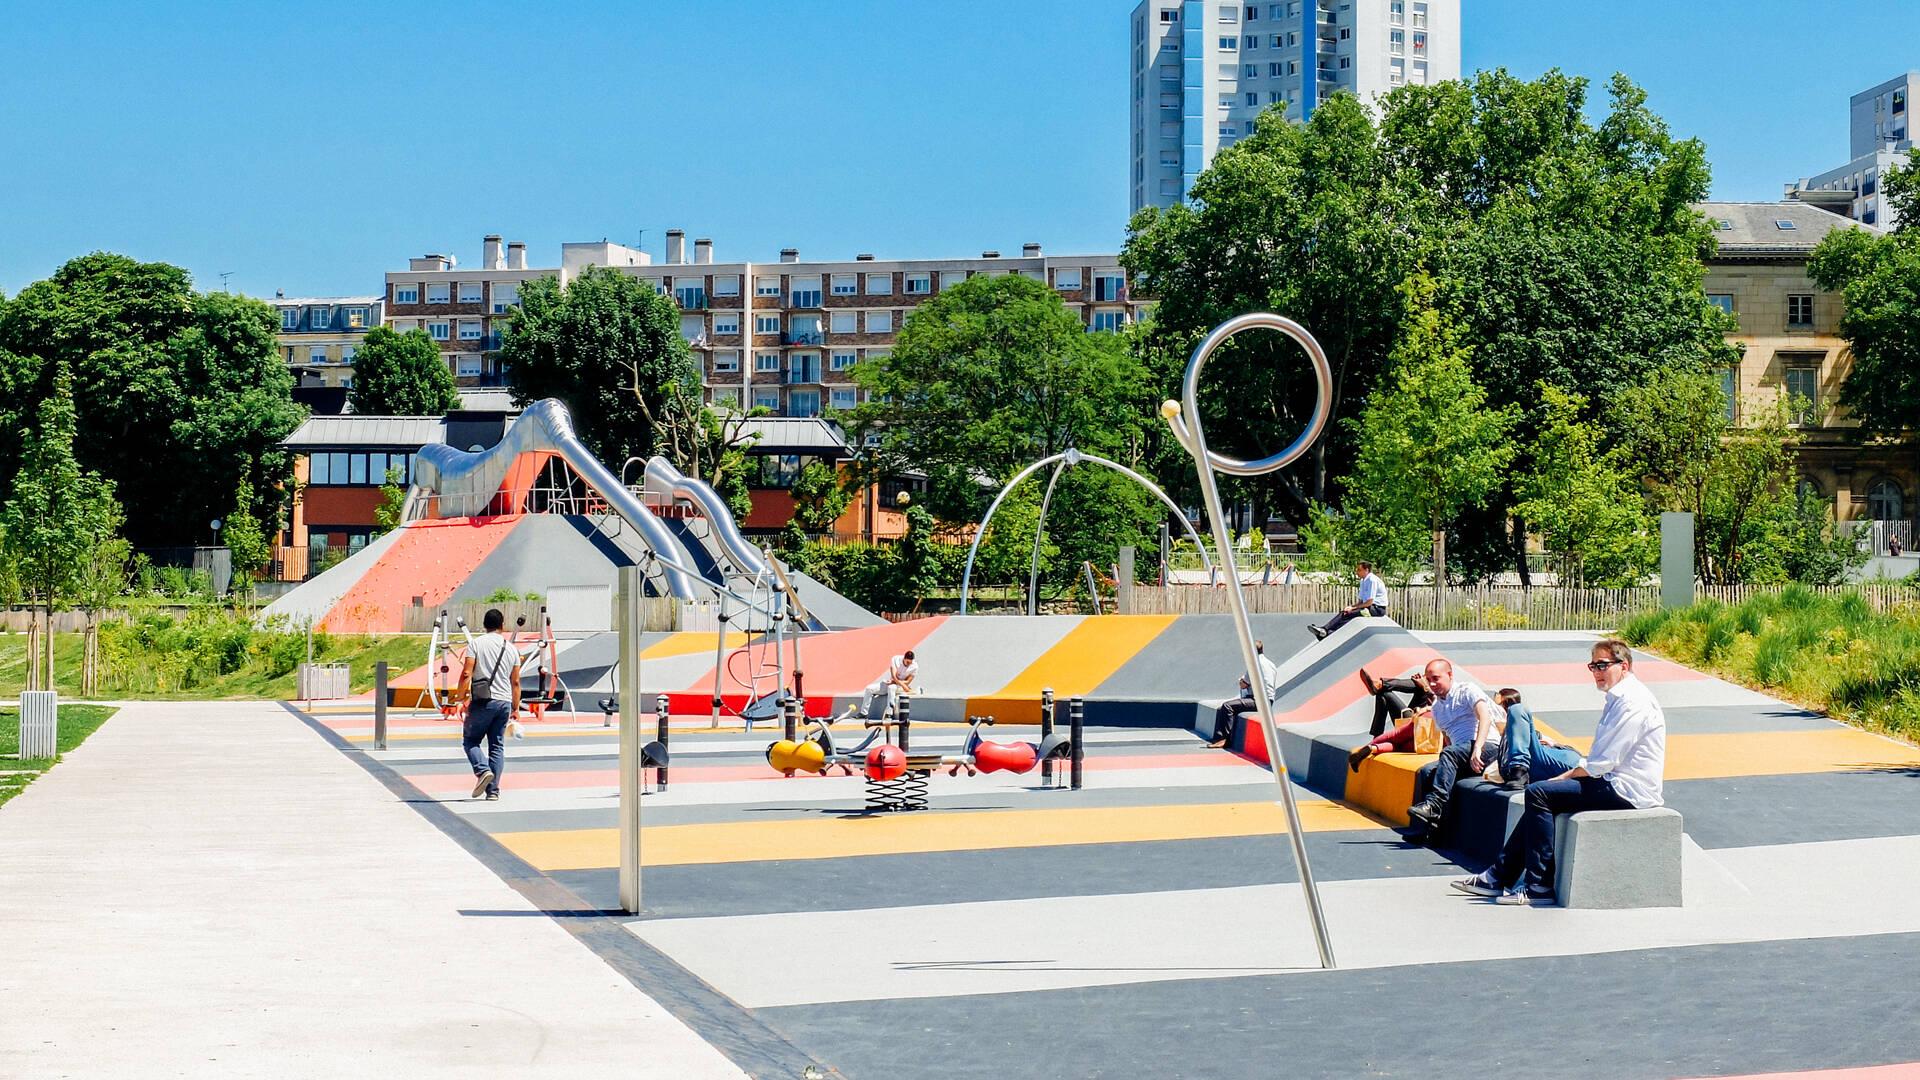 Grand Parc de Saint-Ouen (c) Mary Quincy